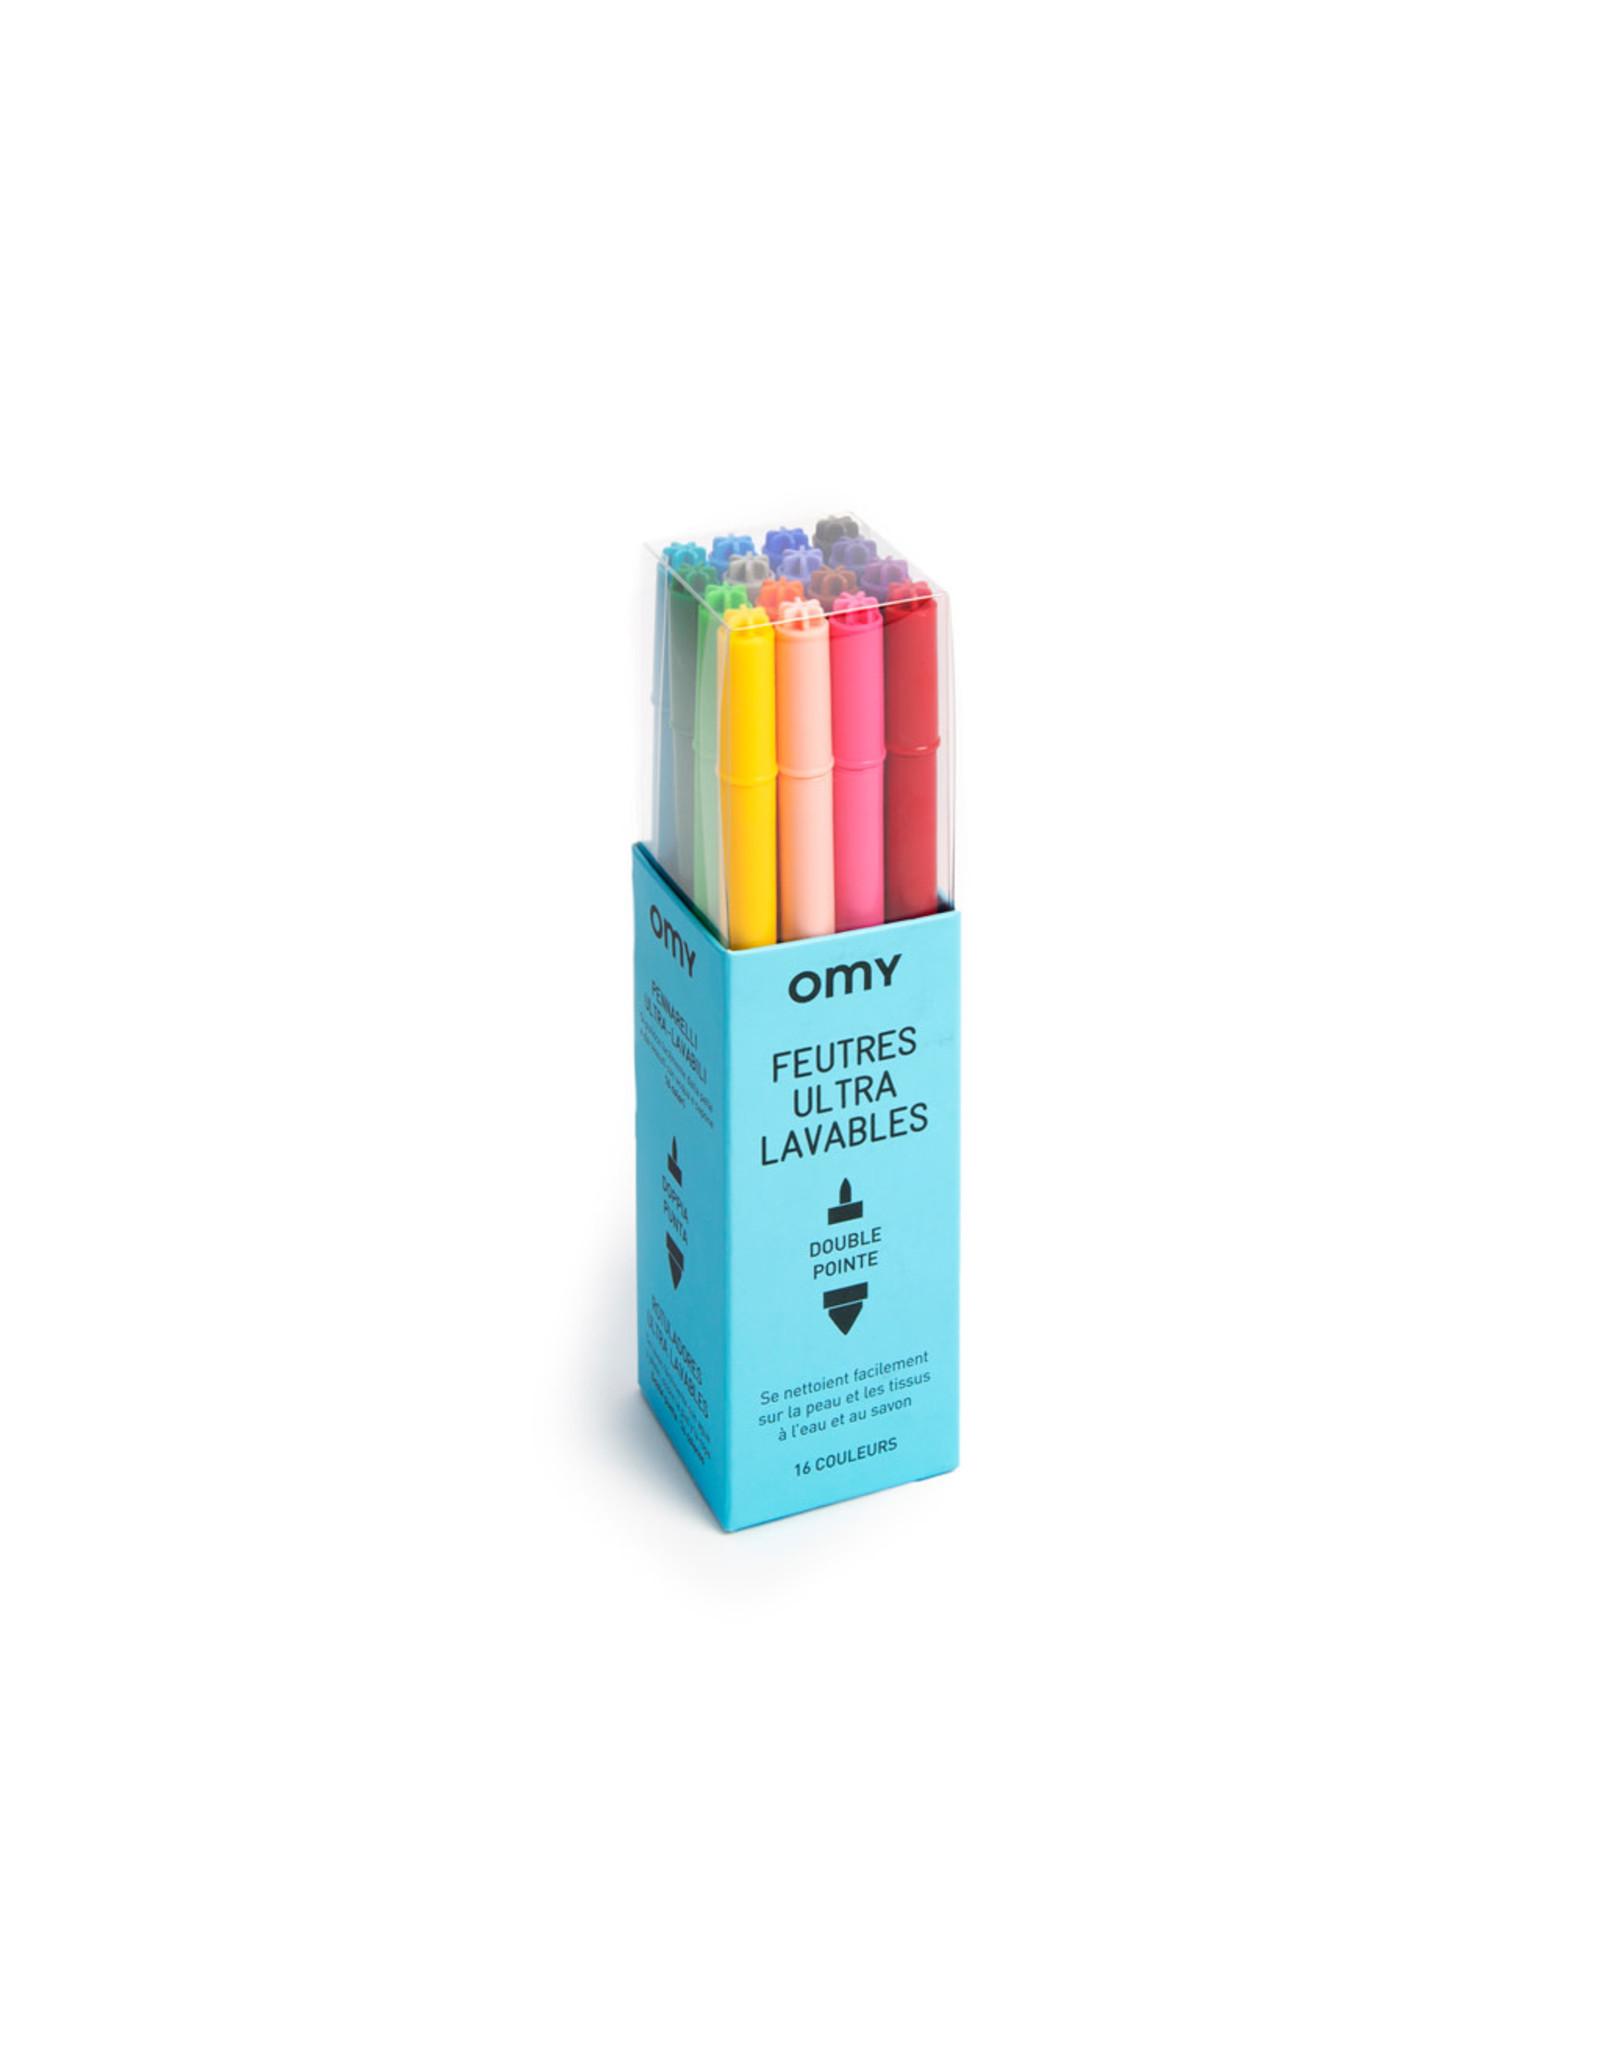 OMY Ultra afwasbare viltstiften 16 kleuren